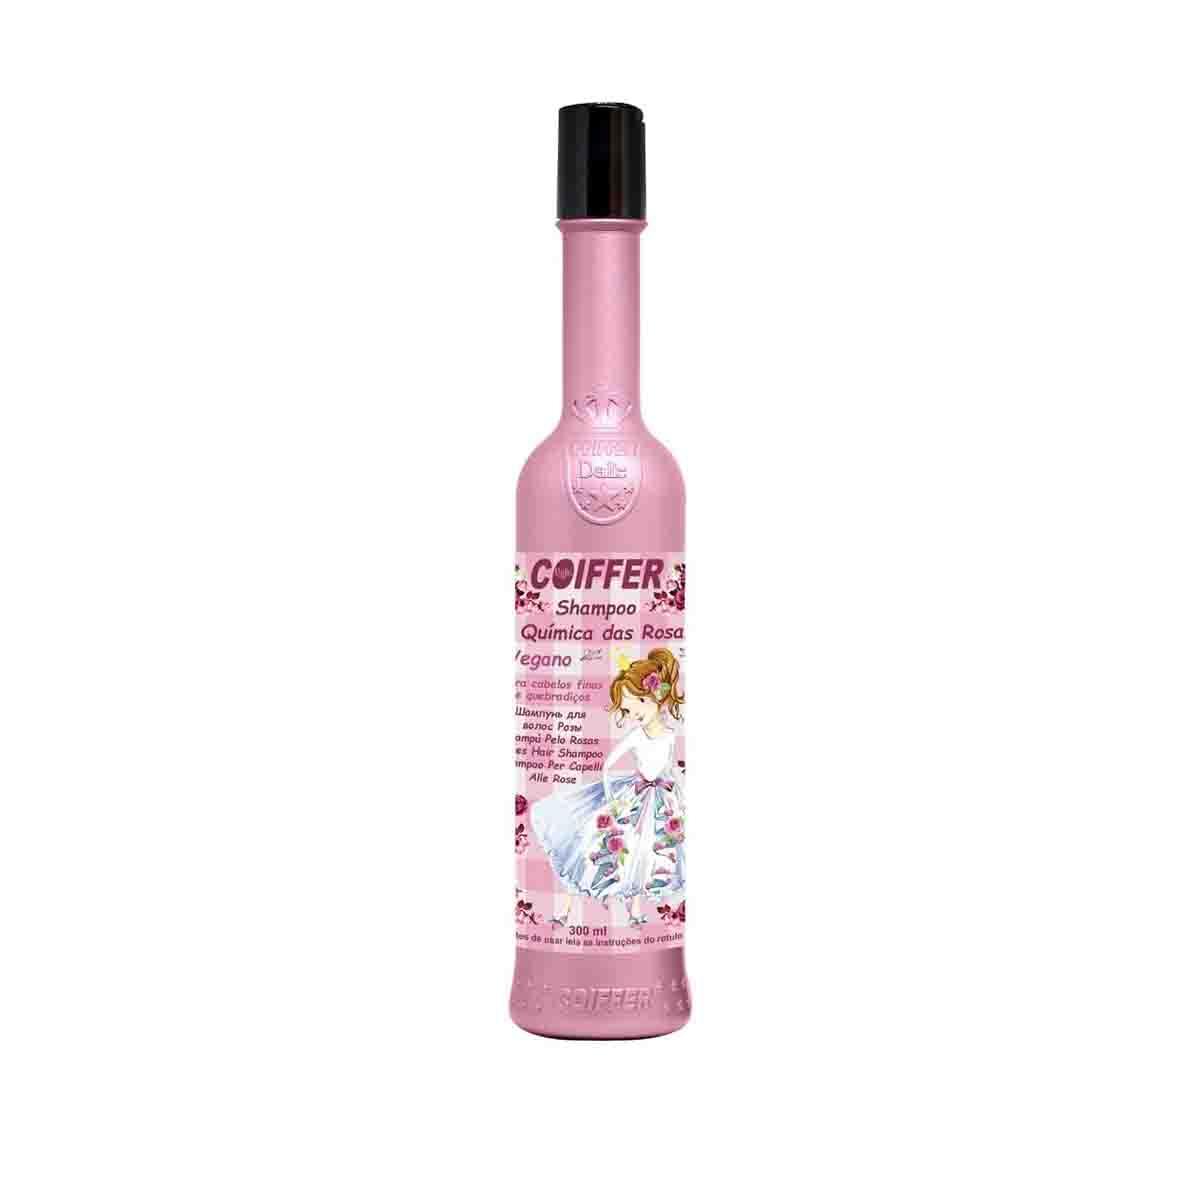 Shampoo Química das Rosas Coiffer 300ml